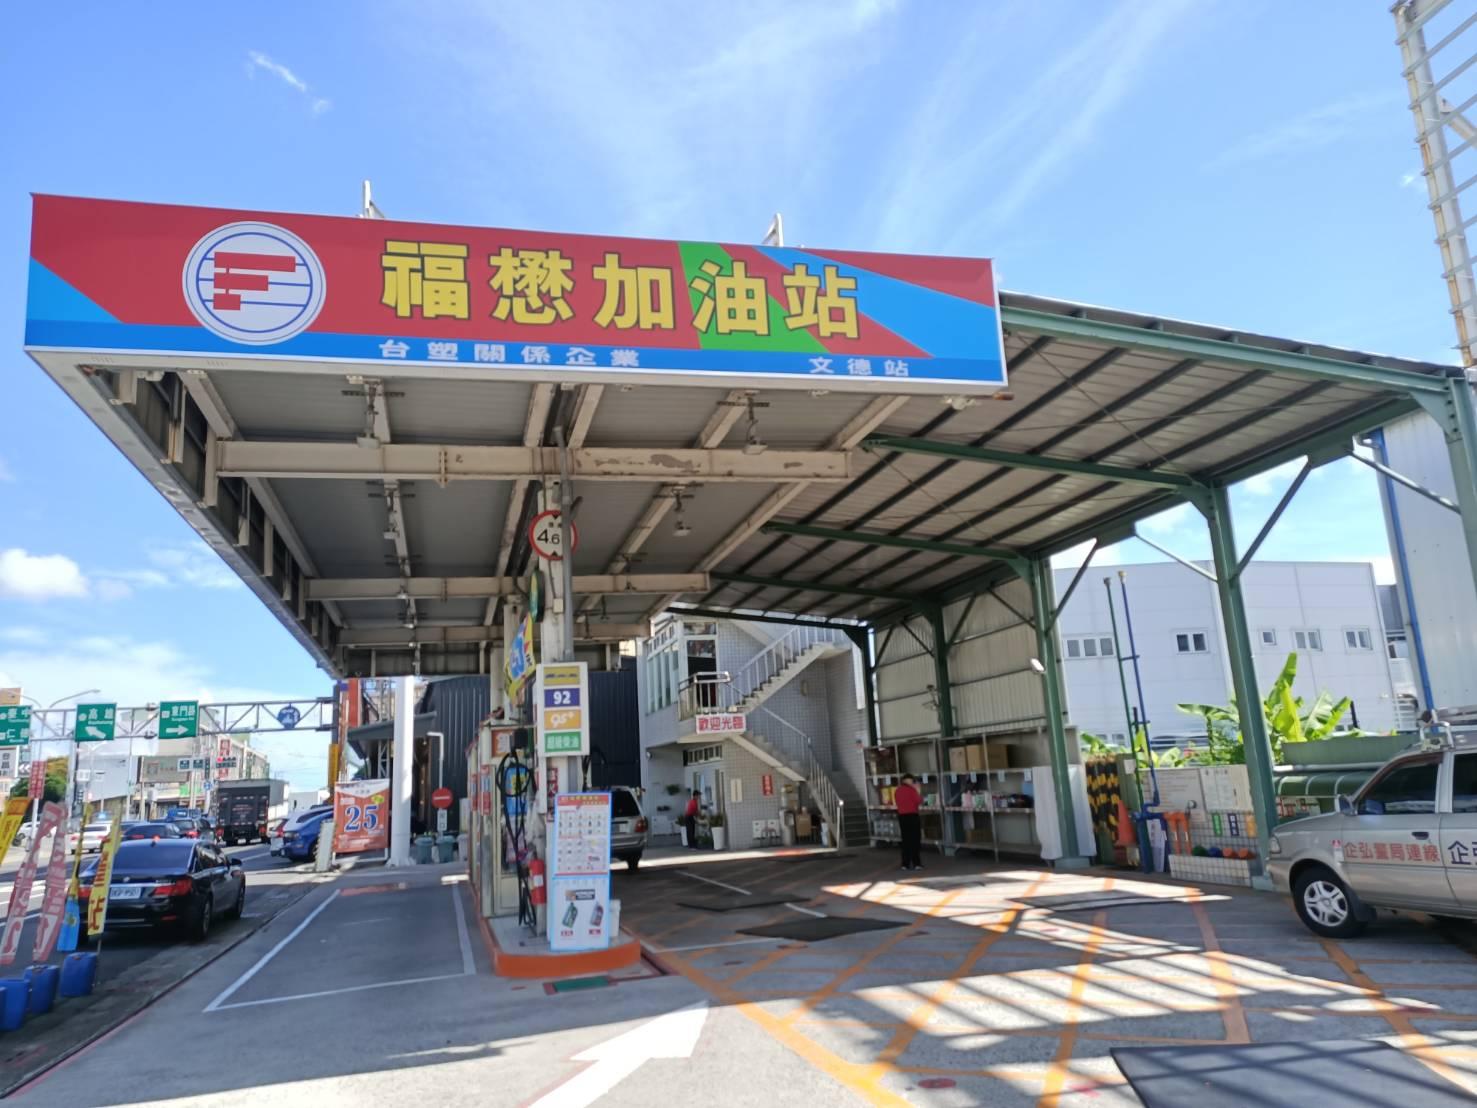 福懋加油站太子站 安裝警民連線系統